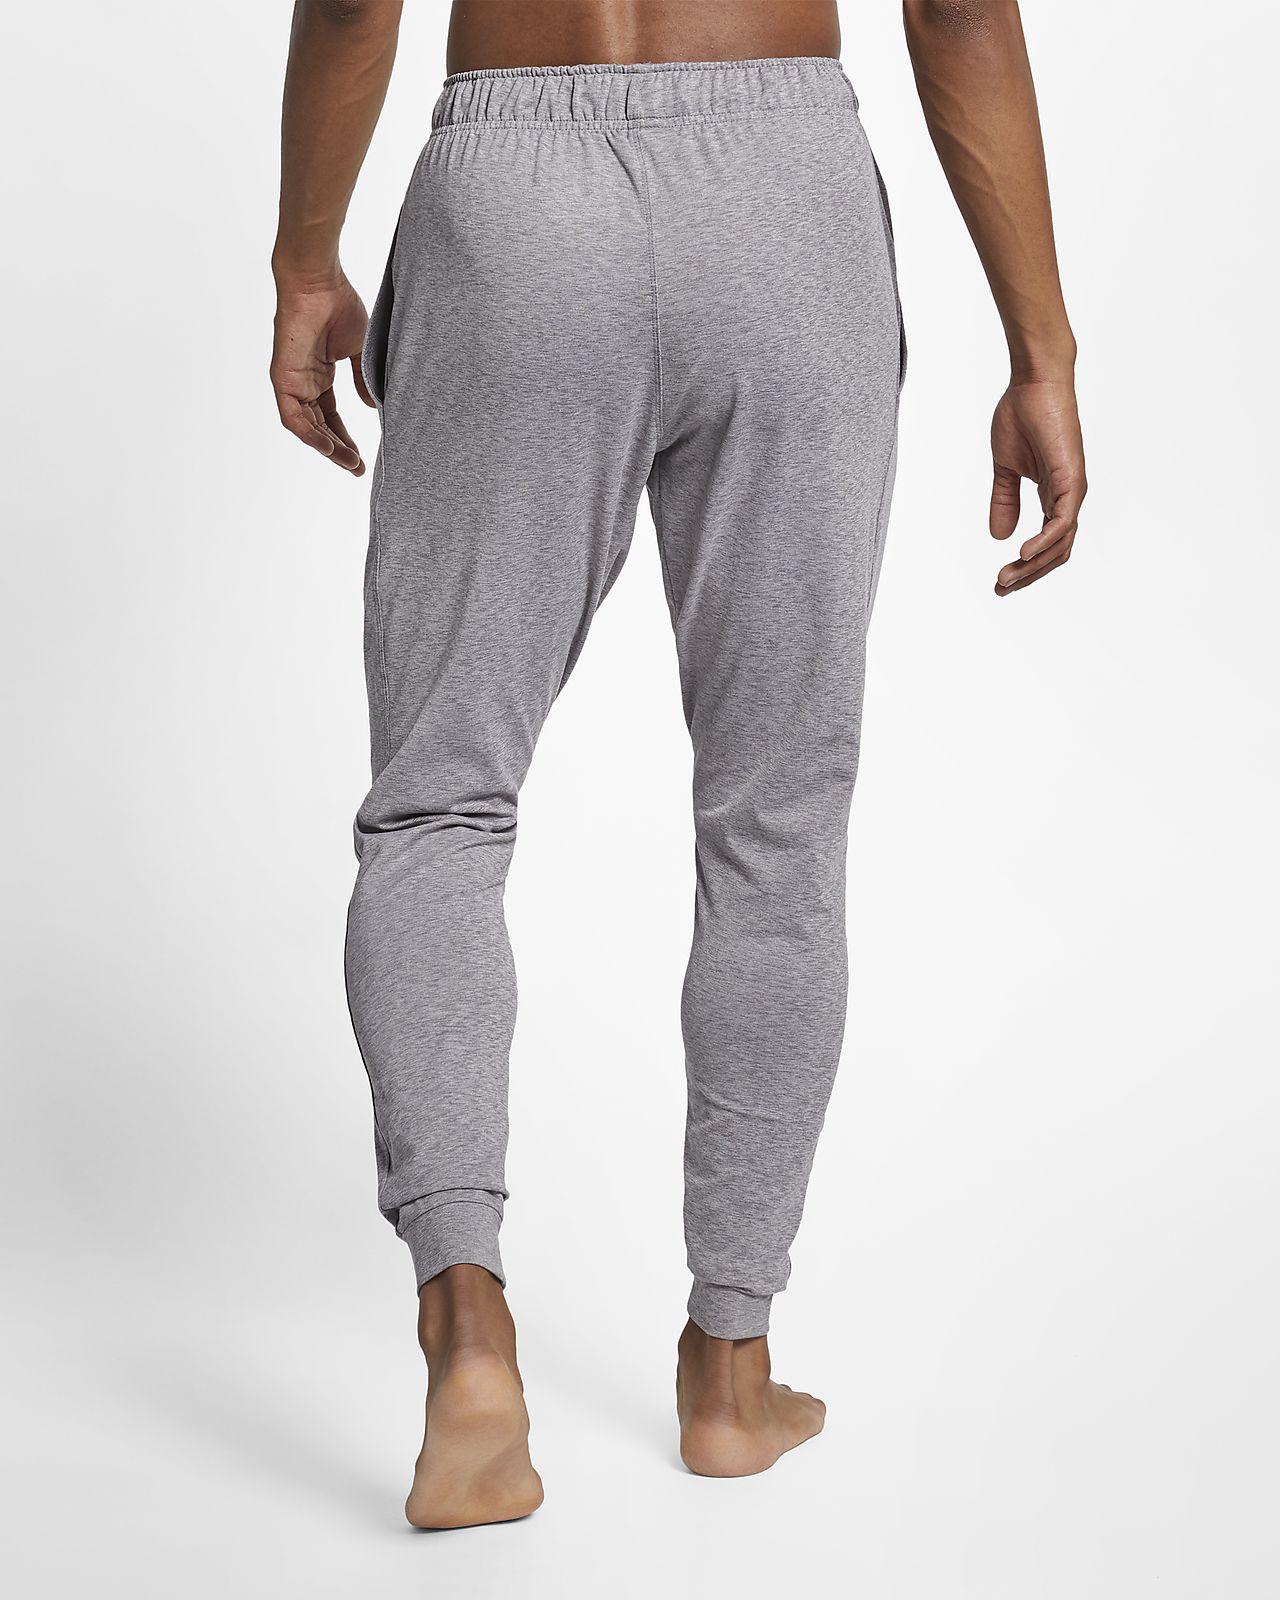 Calças de ioga Nike Dri FIT para homem